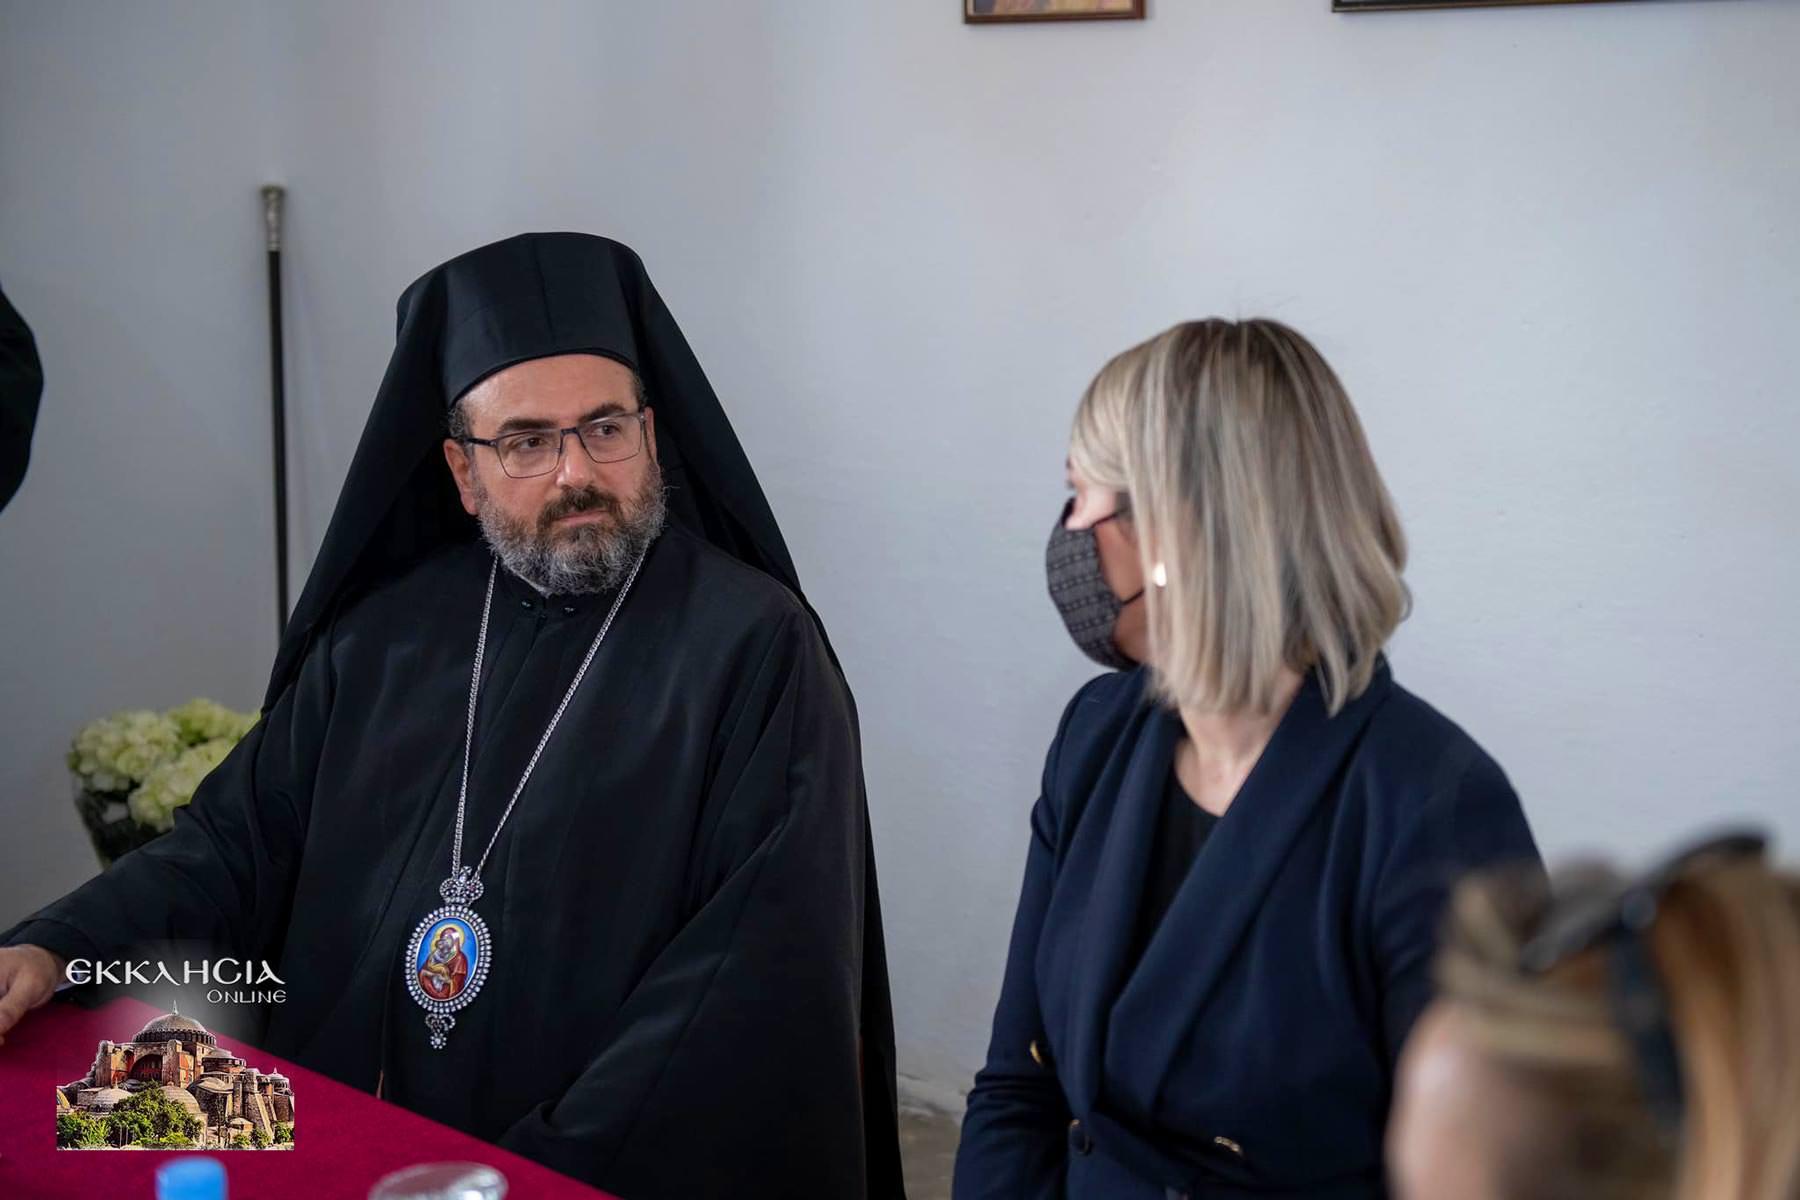 Υπουργός Πολιτισμού της Αλβανίας Έλβα Μαργαρίτι